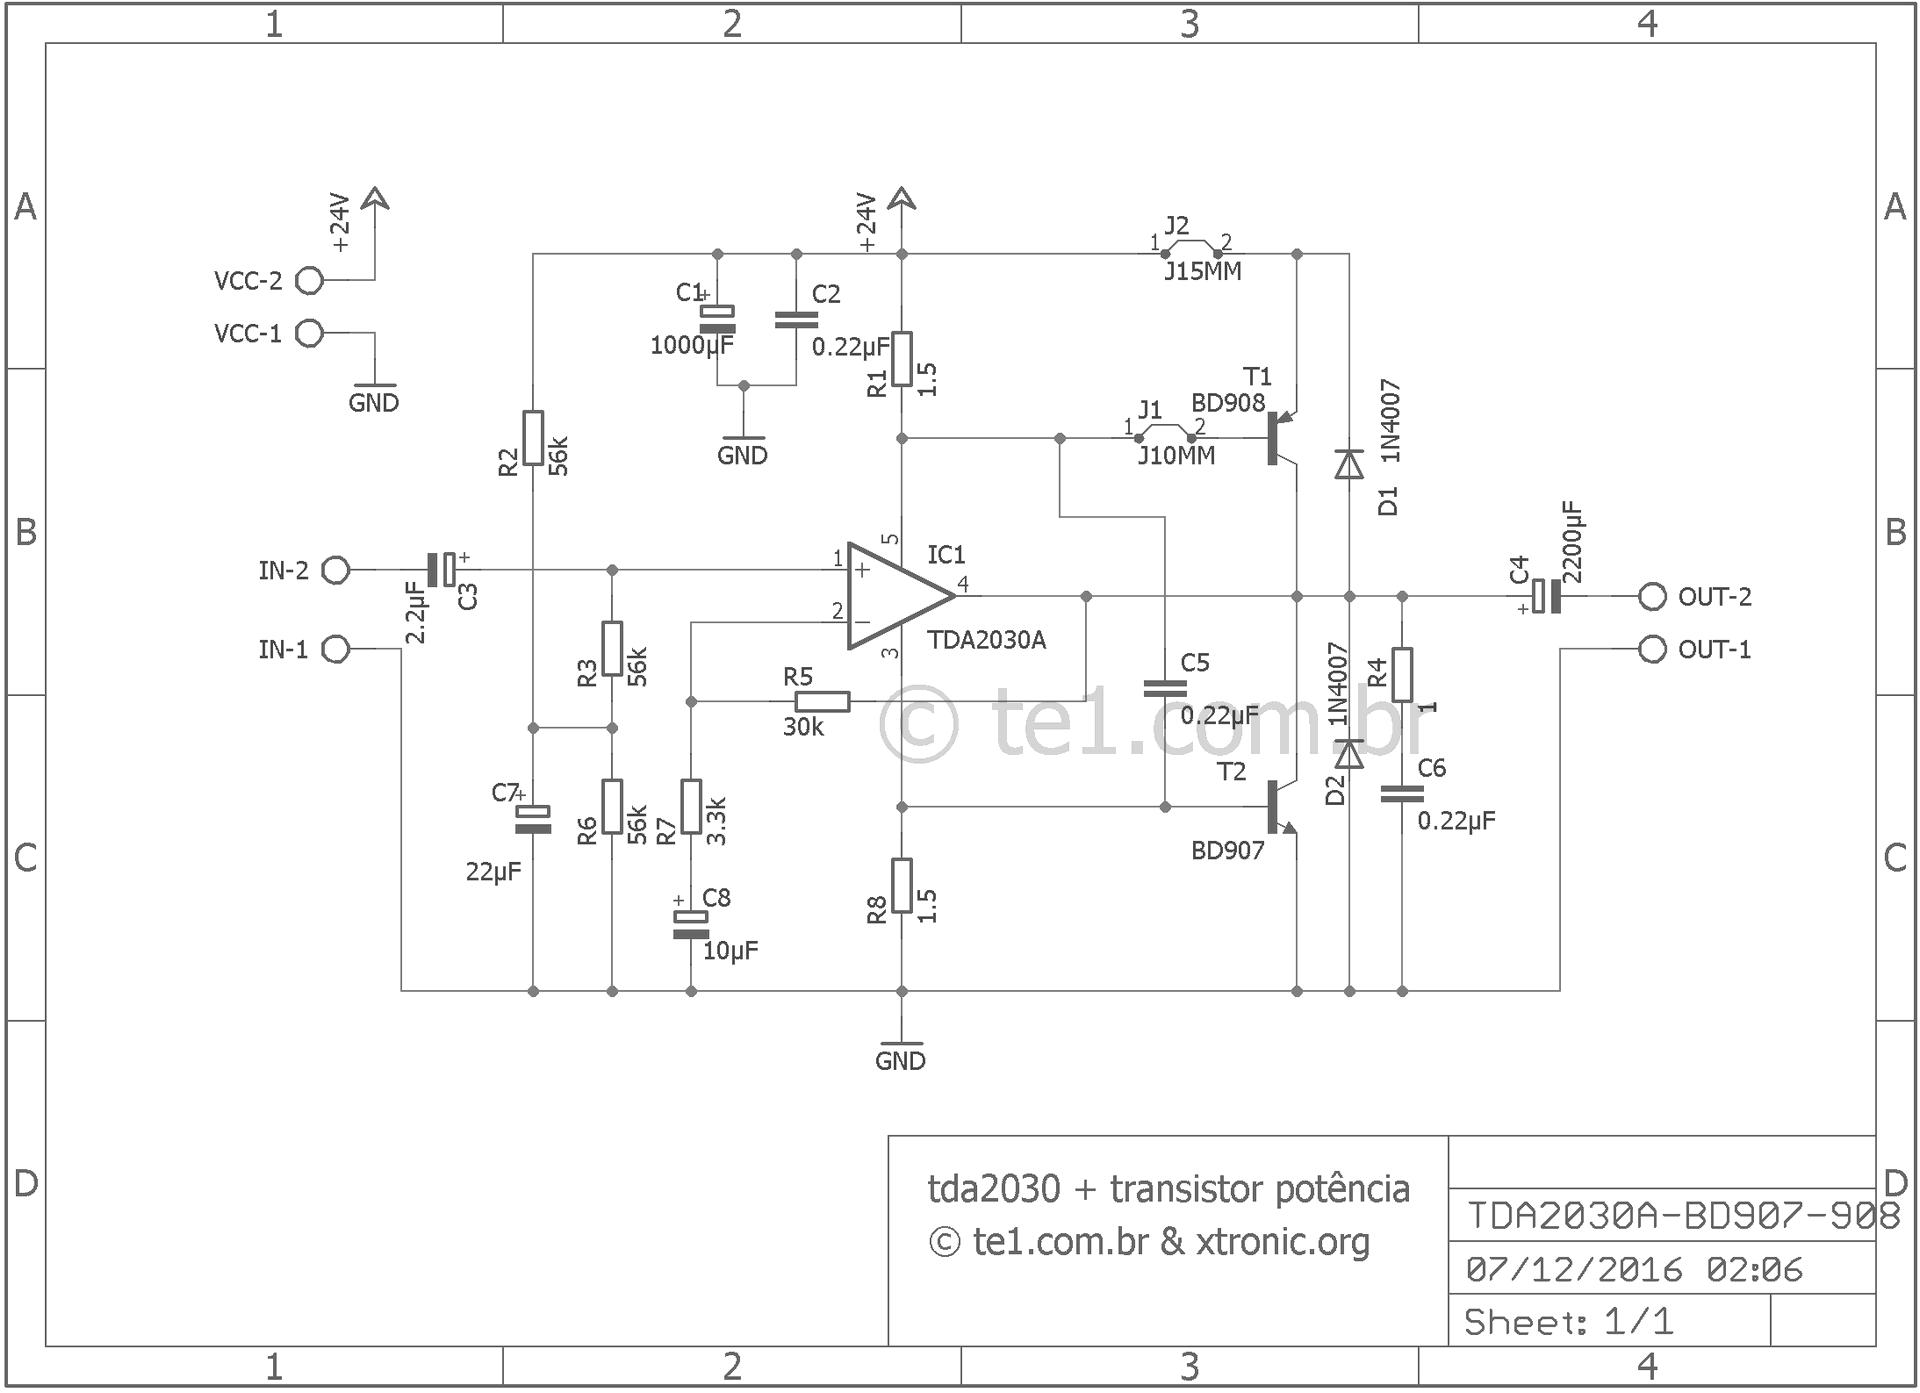 hight resolution of tda2030 40 watt amplifier transistor power esquem 700x508 amplificador pot ncia tda2030 transistores tip41 e tip42